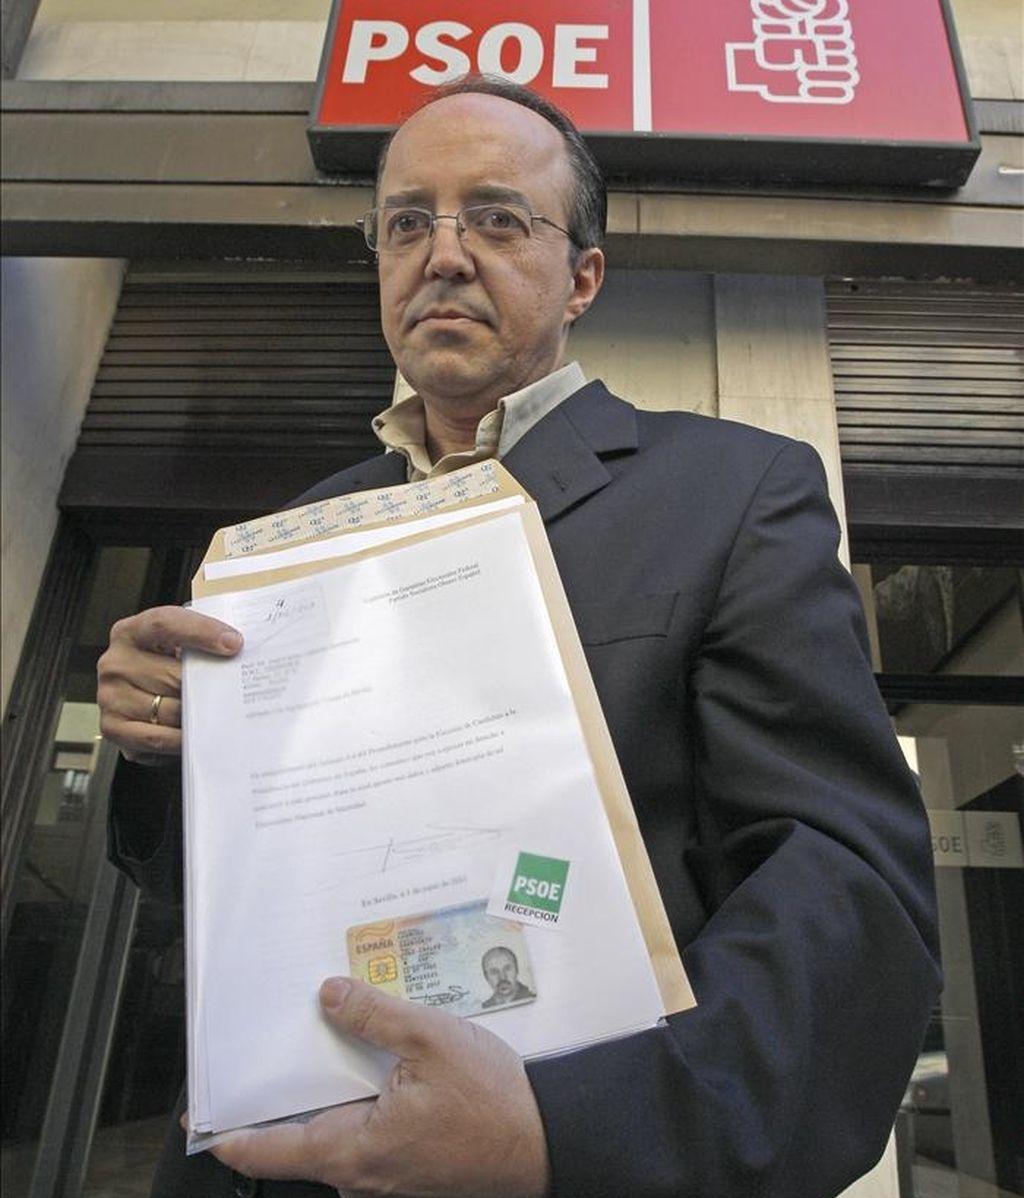 El profesor José Carlos Carmona, que tiene la intención de presentarse a las elecciones primarias del PSOE y enfrentarse al candidato oficial, Alfredo Pérez Rubalcaba, a su llegada a la sede del partido, en la calle Ferraz de Madrid, para formalizar su candidatura. EFE